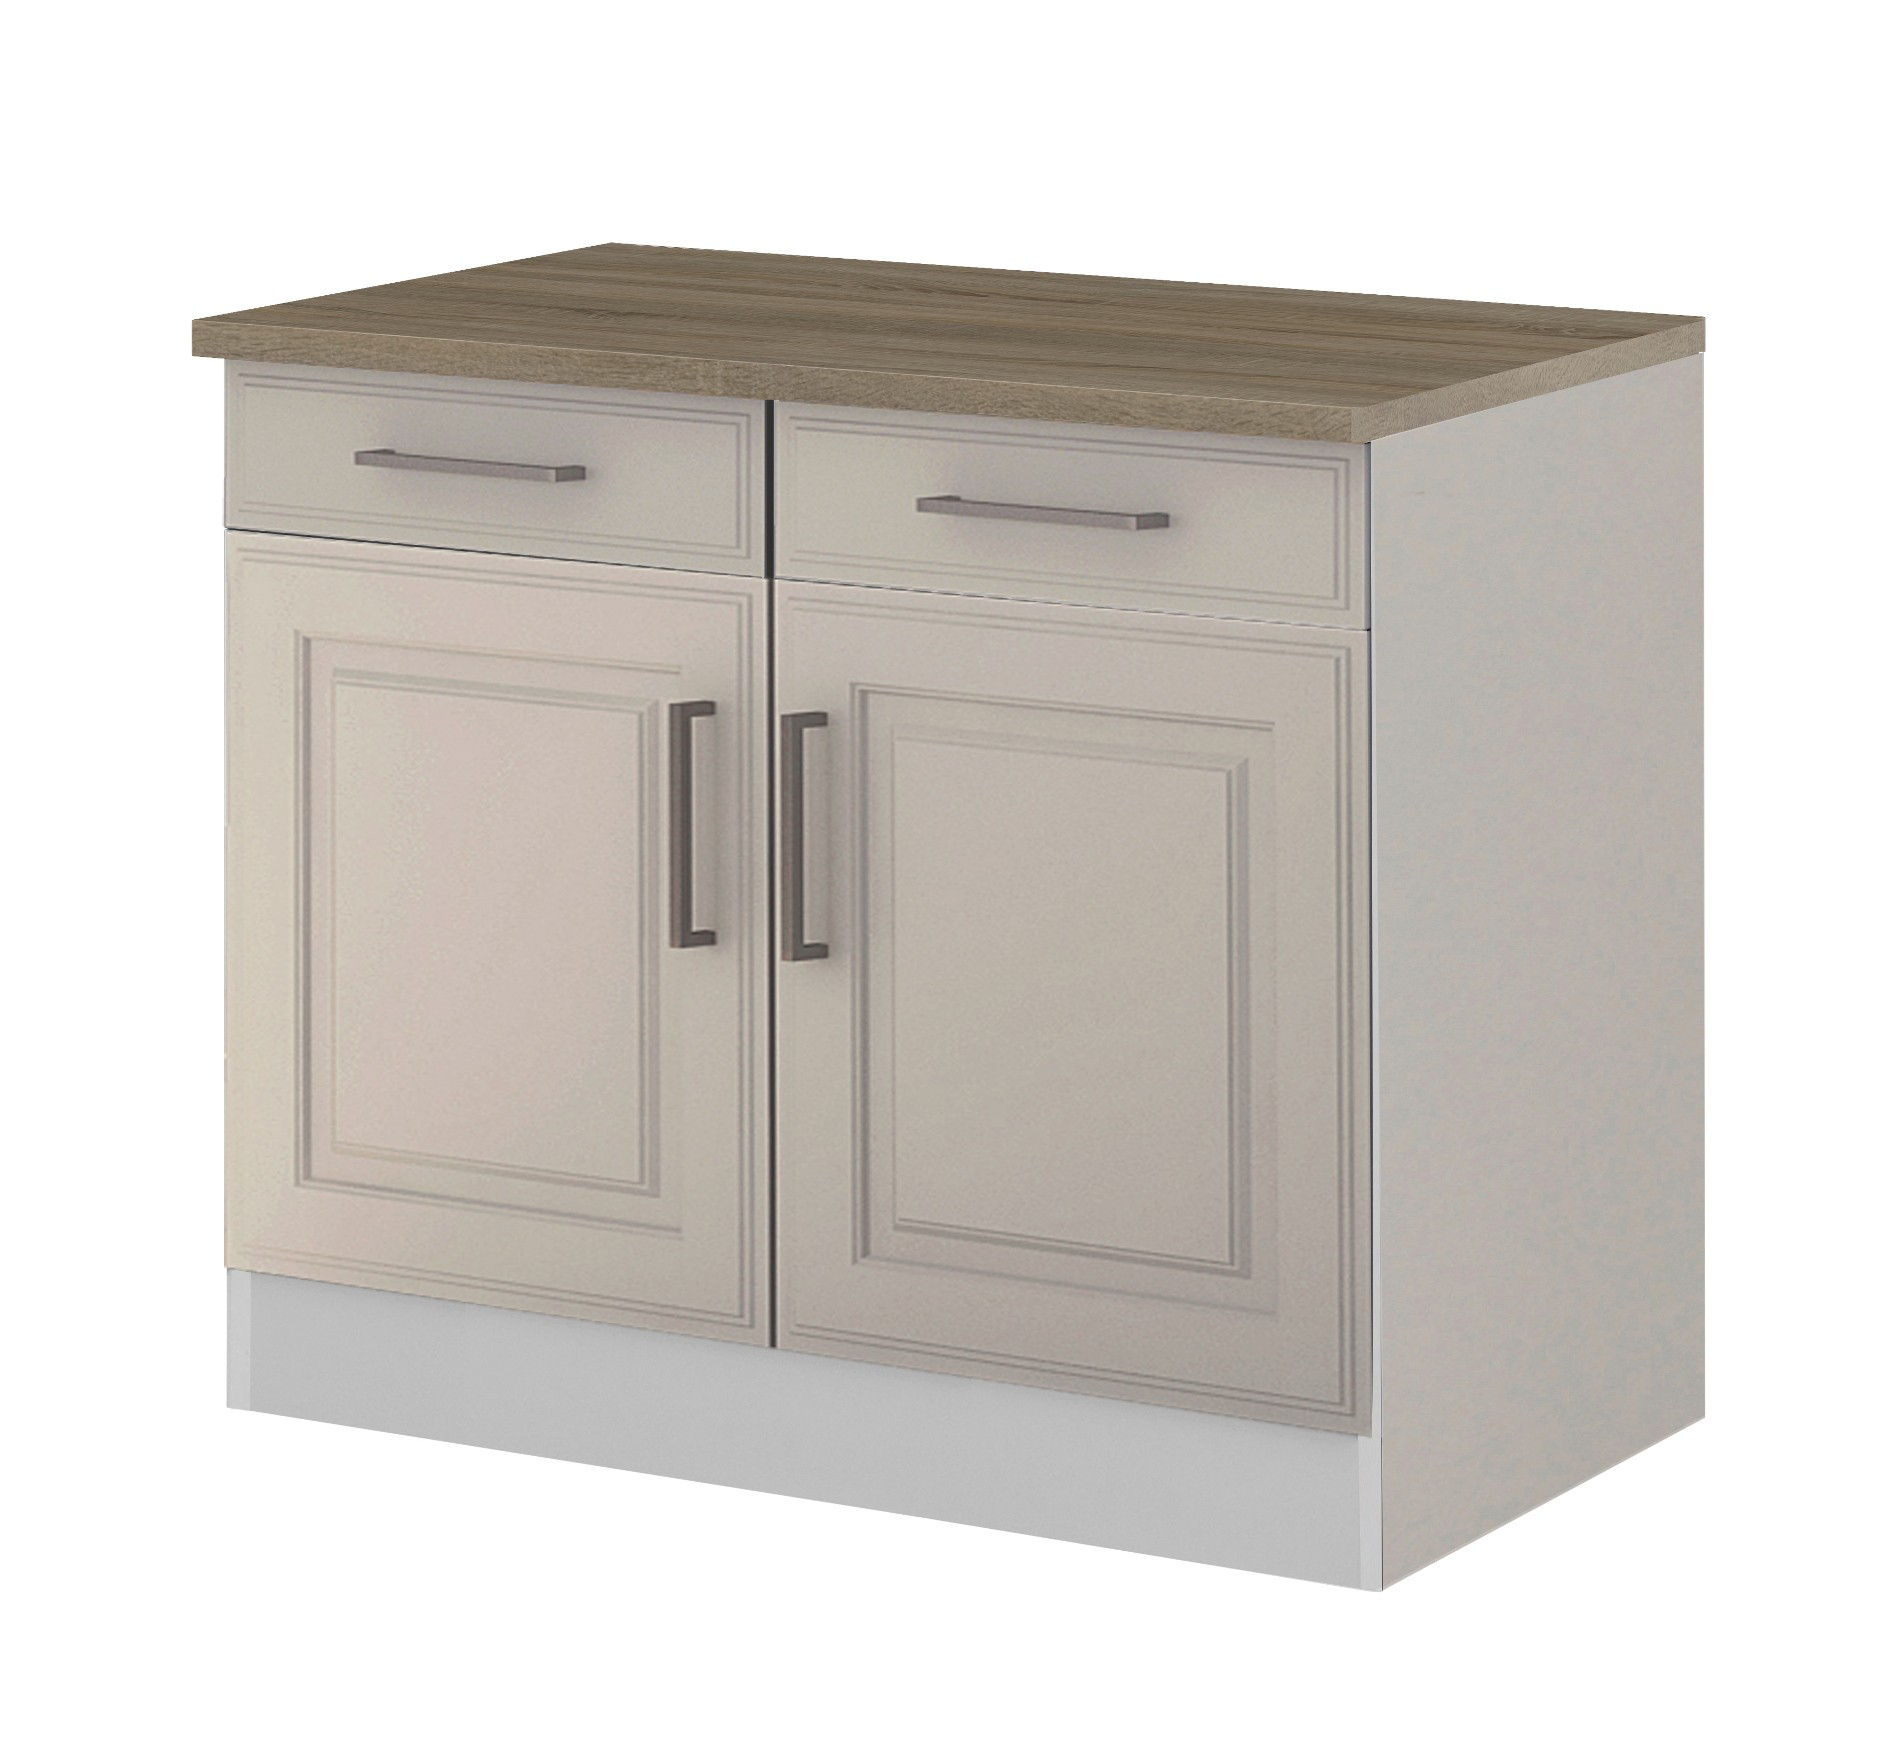 k chen unterschrank k ln 2 t rig 100 cm breit wei k che k chen unterschr nke. Black Bedroom Furniture Sets. Home Design Ideas